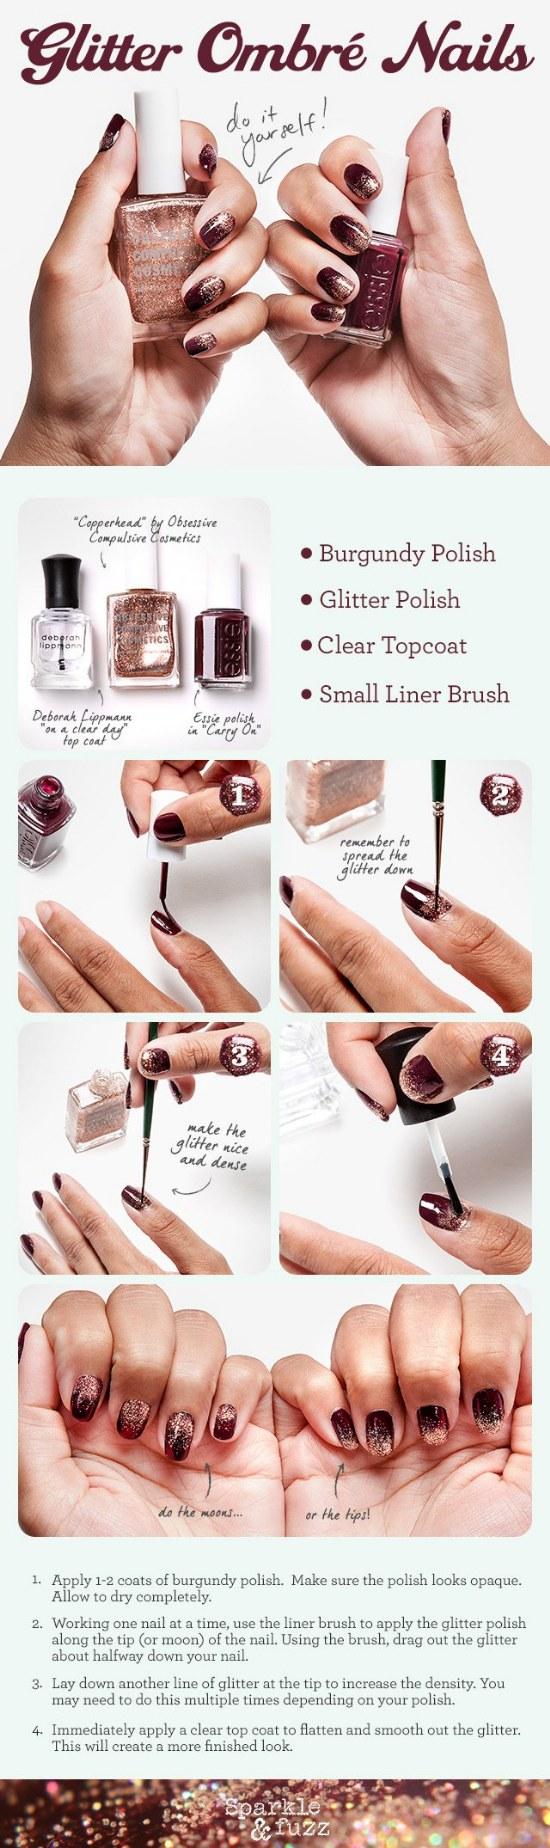 tutoriales paso a paso diseños para uñas